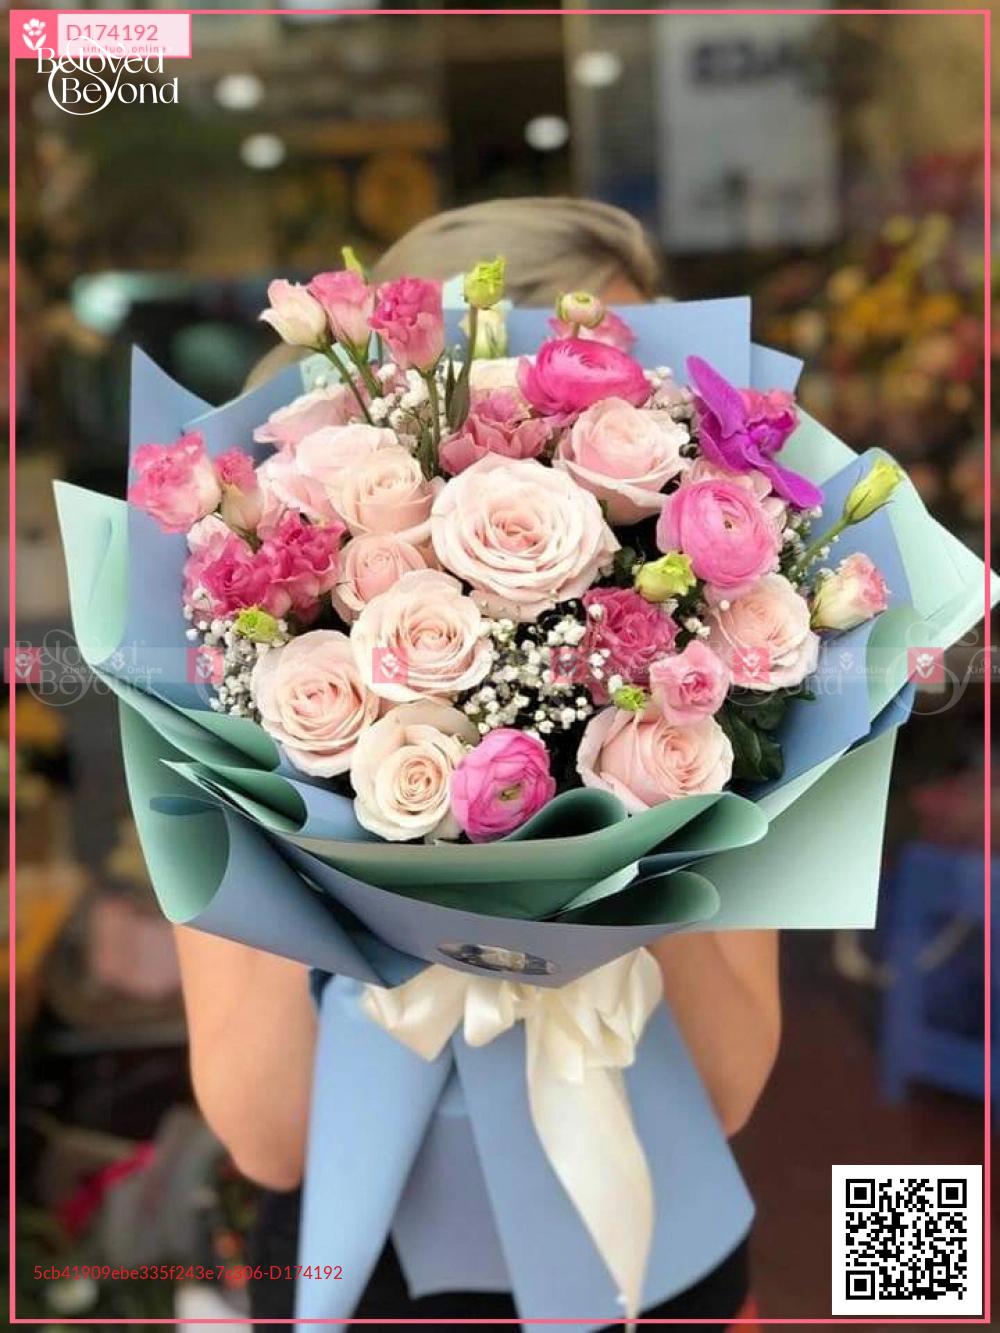 Hạnh phúc - D174192 - xinhtuoi.online